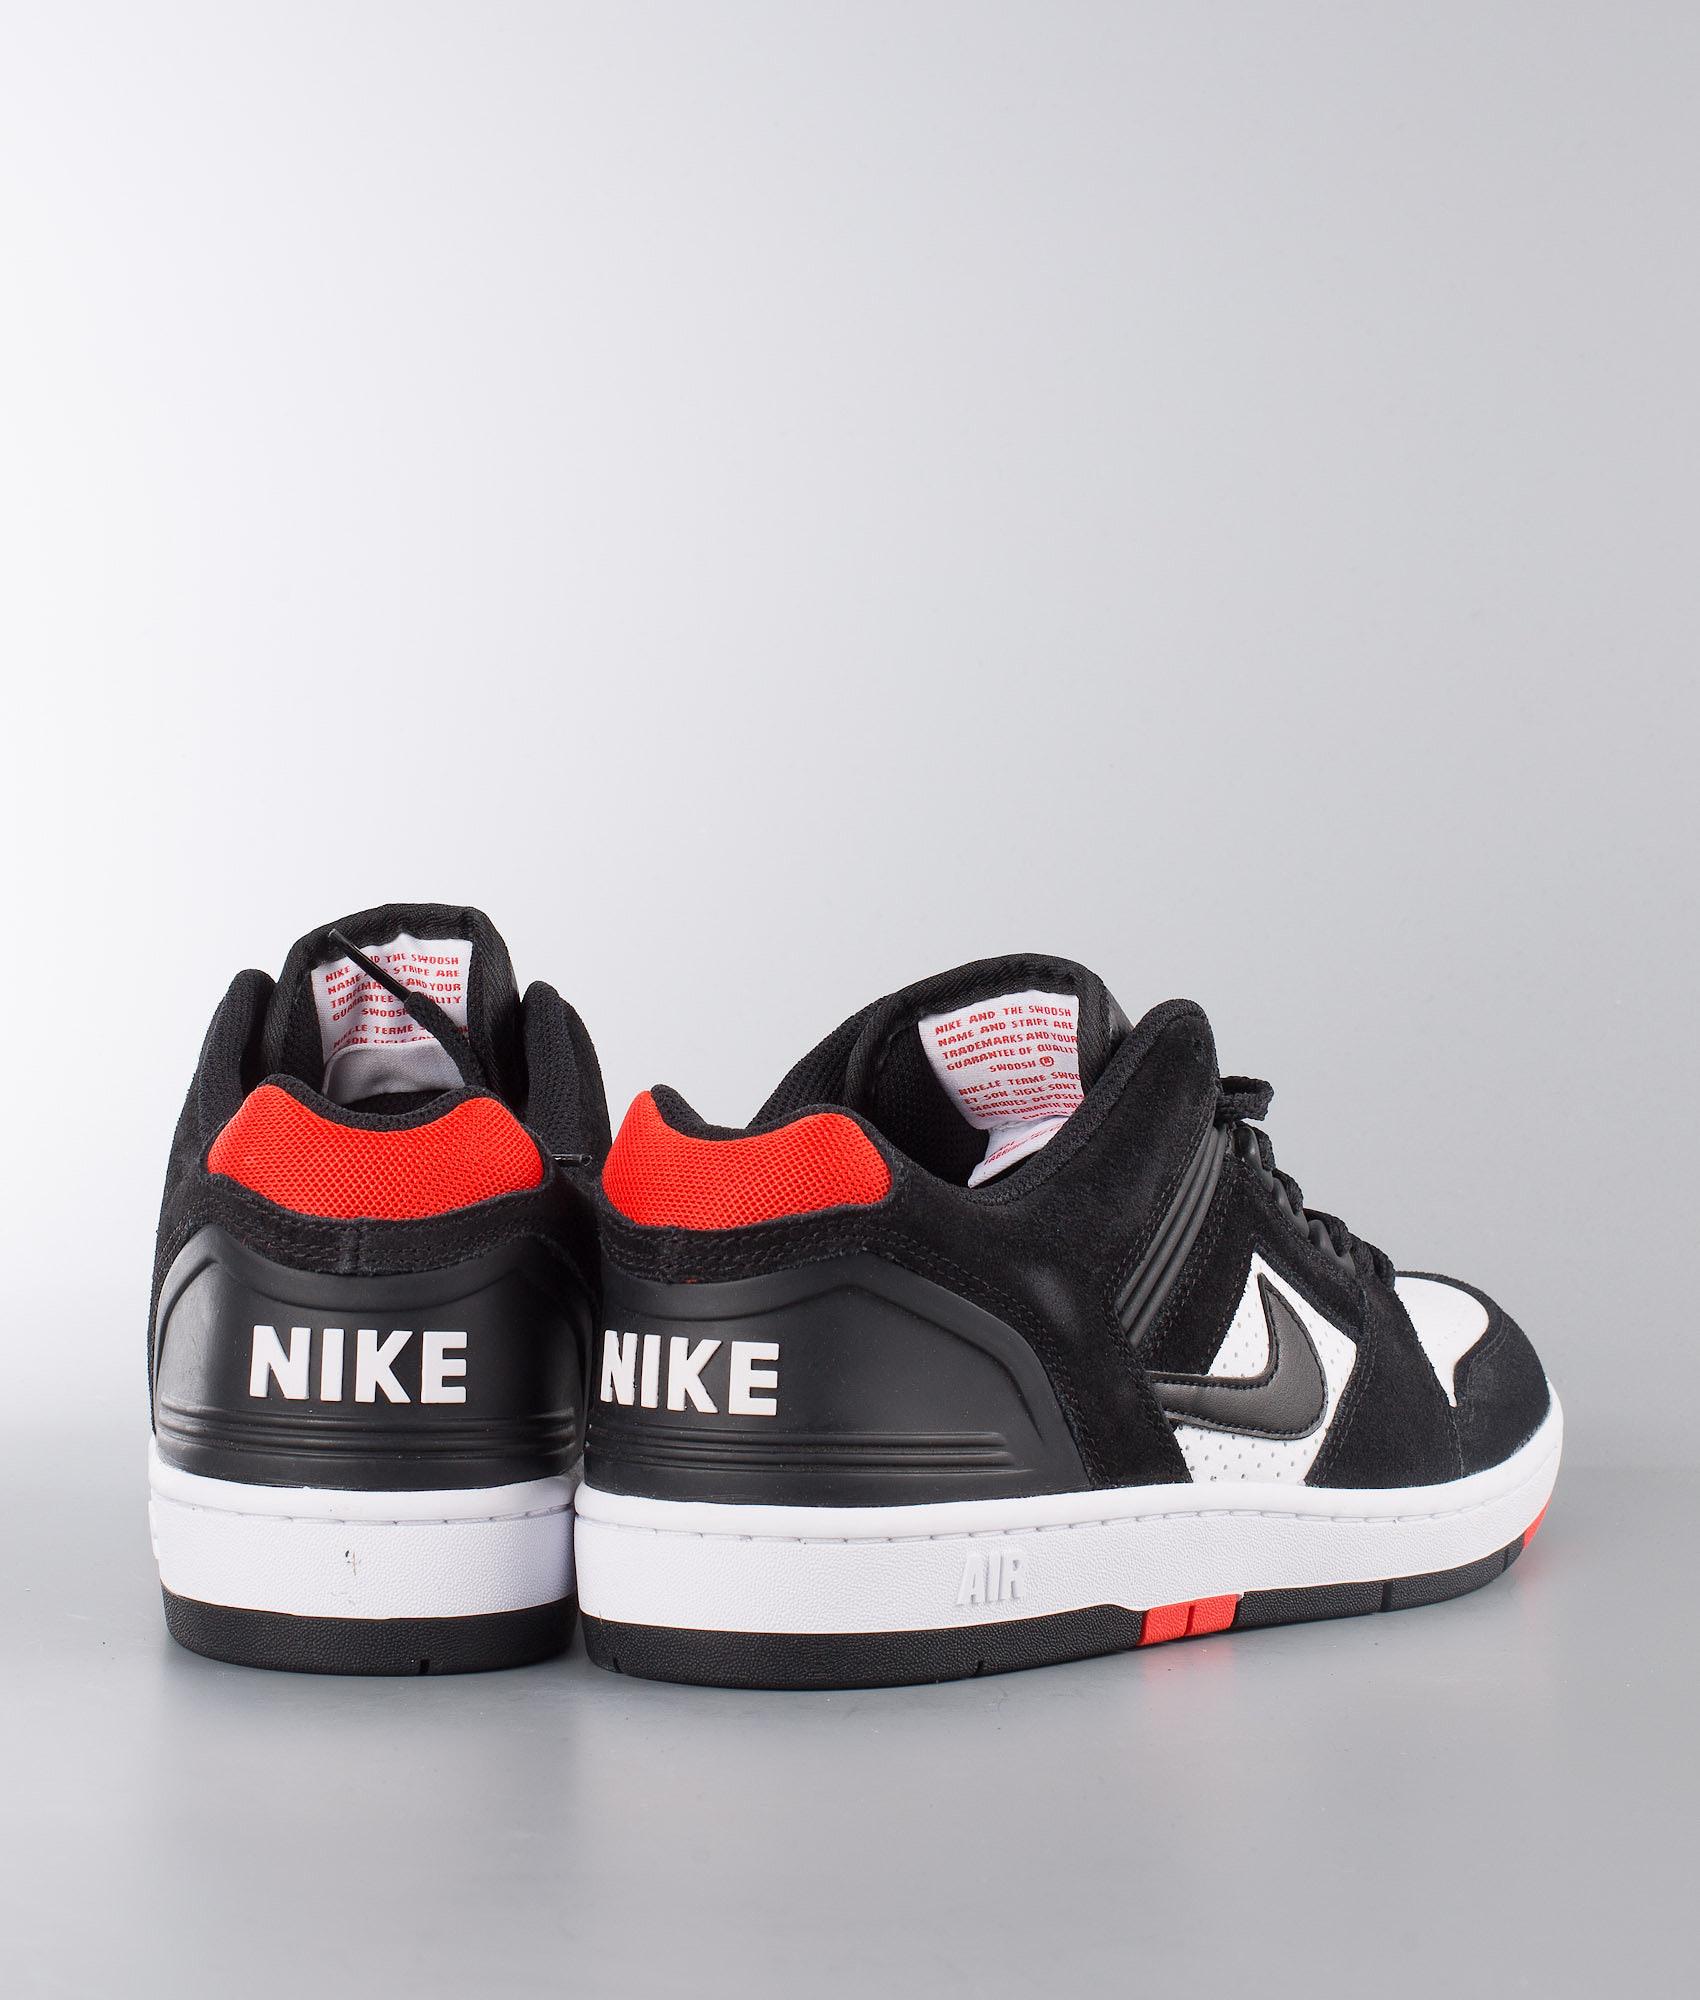 new styles 407b3 03193 Nike Air Force II Low Schuhe